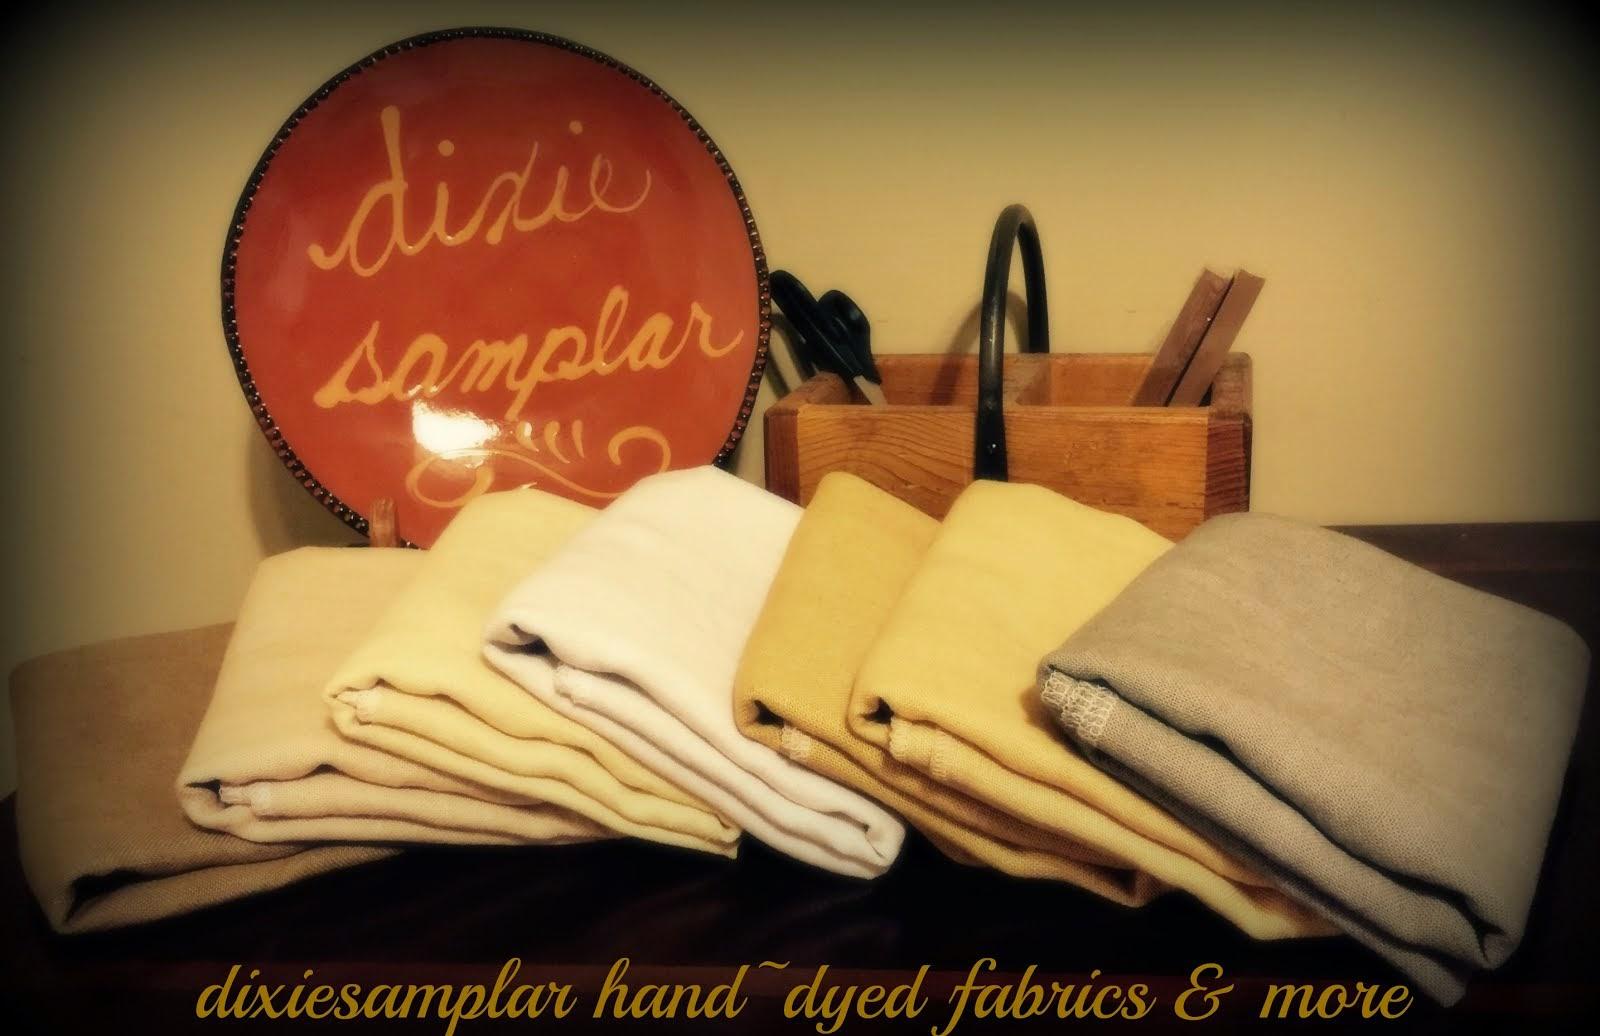 DIXIESAMPLAR HAND~DYED FABRICS & MORE